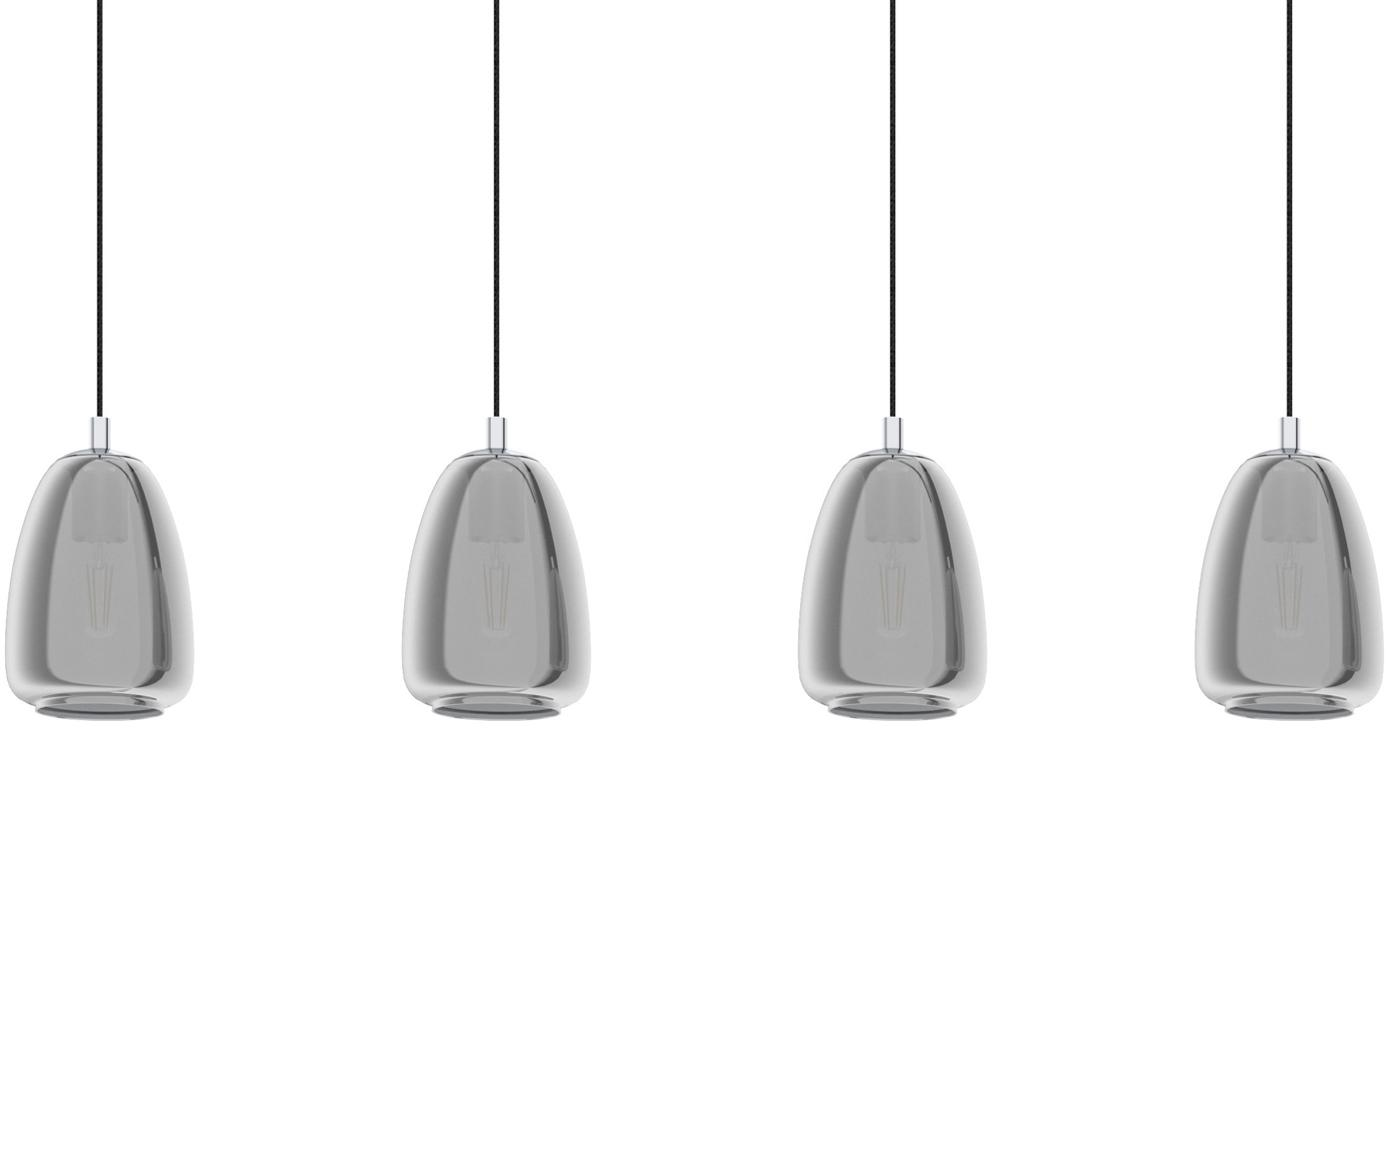 Große Pendelleuchte Alobrase aus Glas, Lampenschirm: Glas, Baldachin: Metall, verchromt, Chrom, 108 x 30 cm